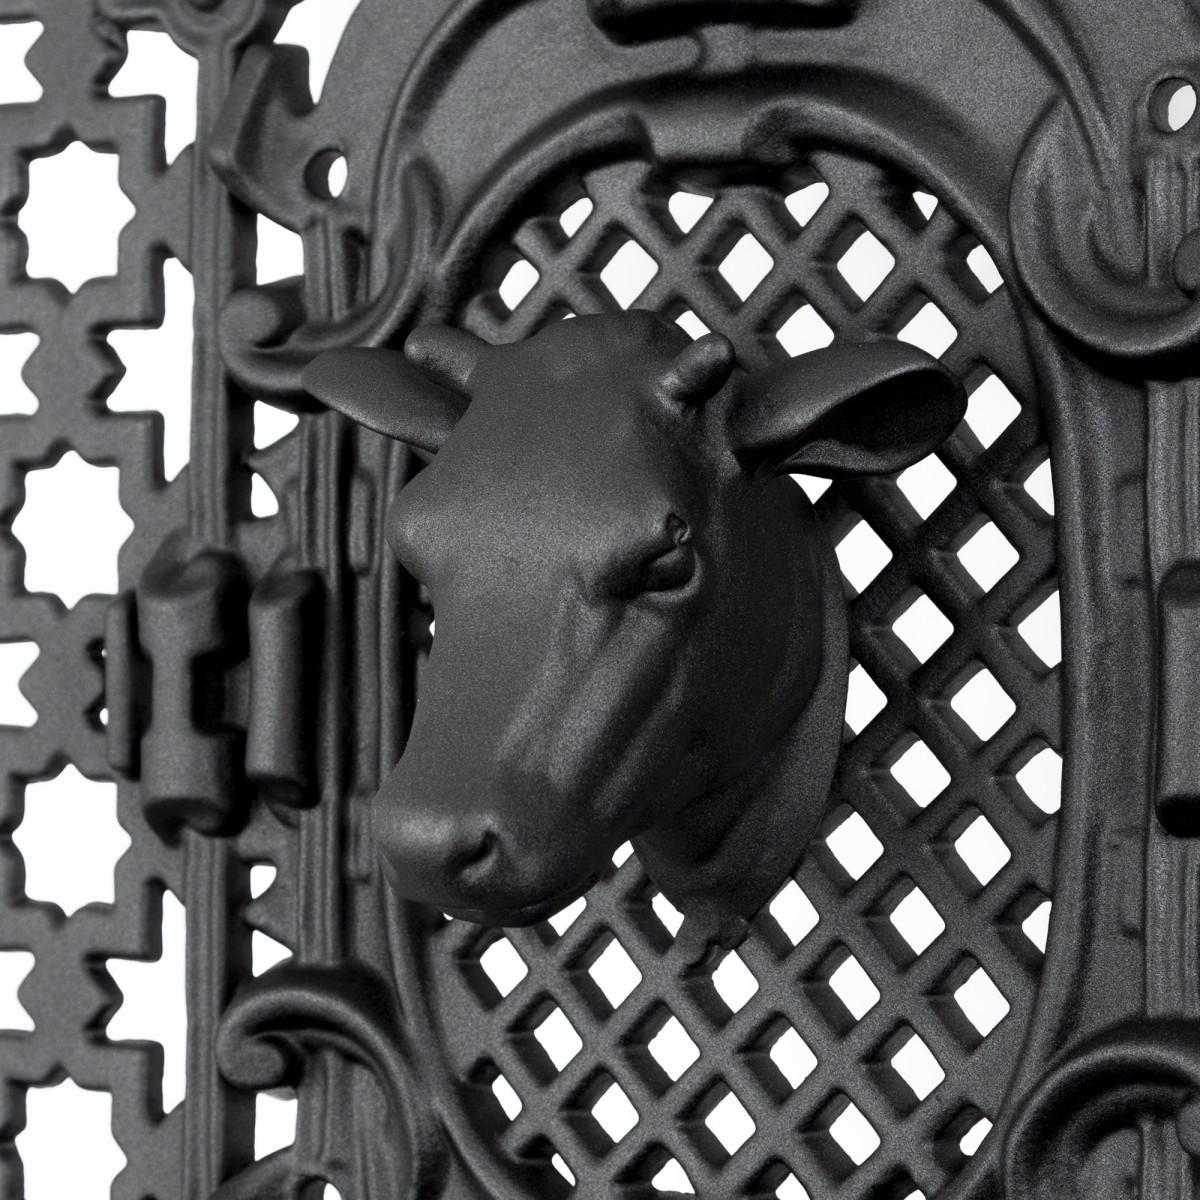 Koeienkop aluminium 11,5 x 13 (KOEIENKOP) -  - Deurroosters